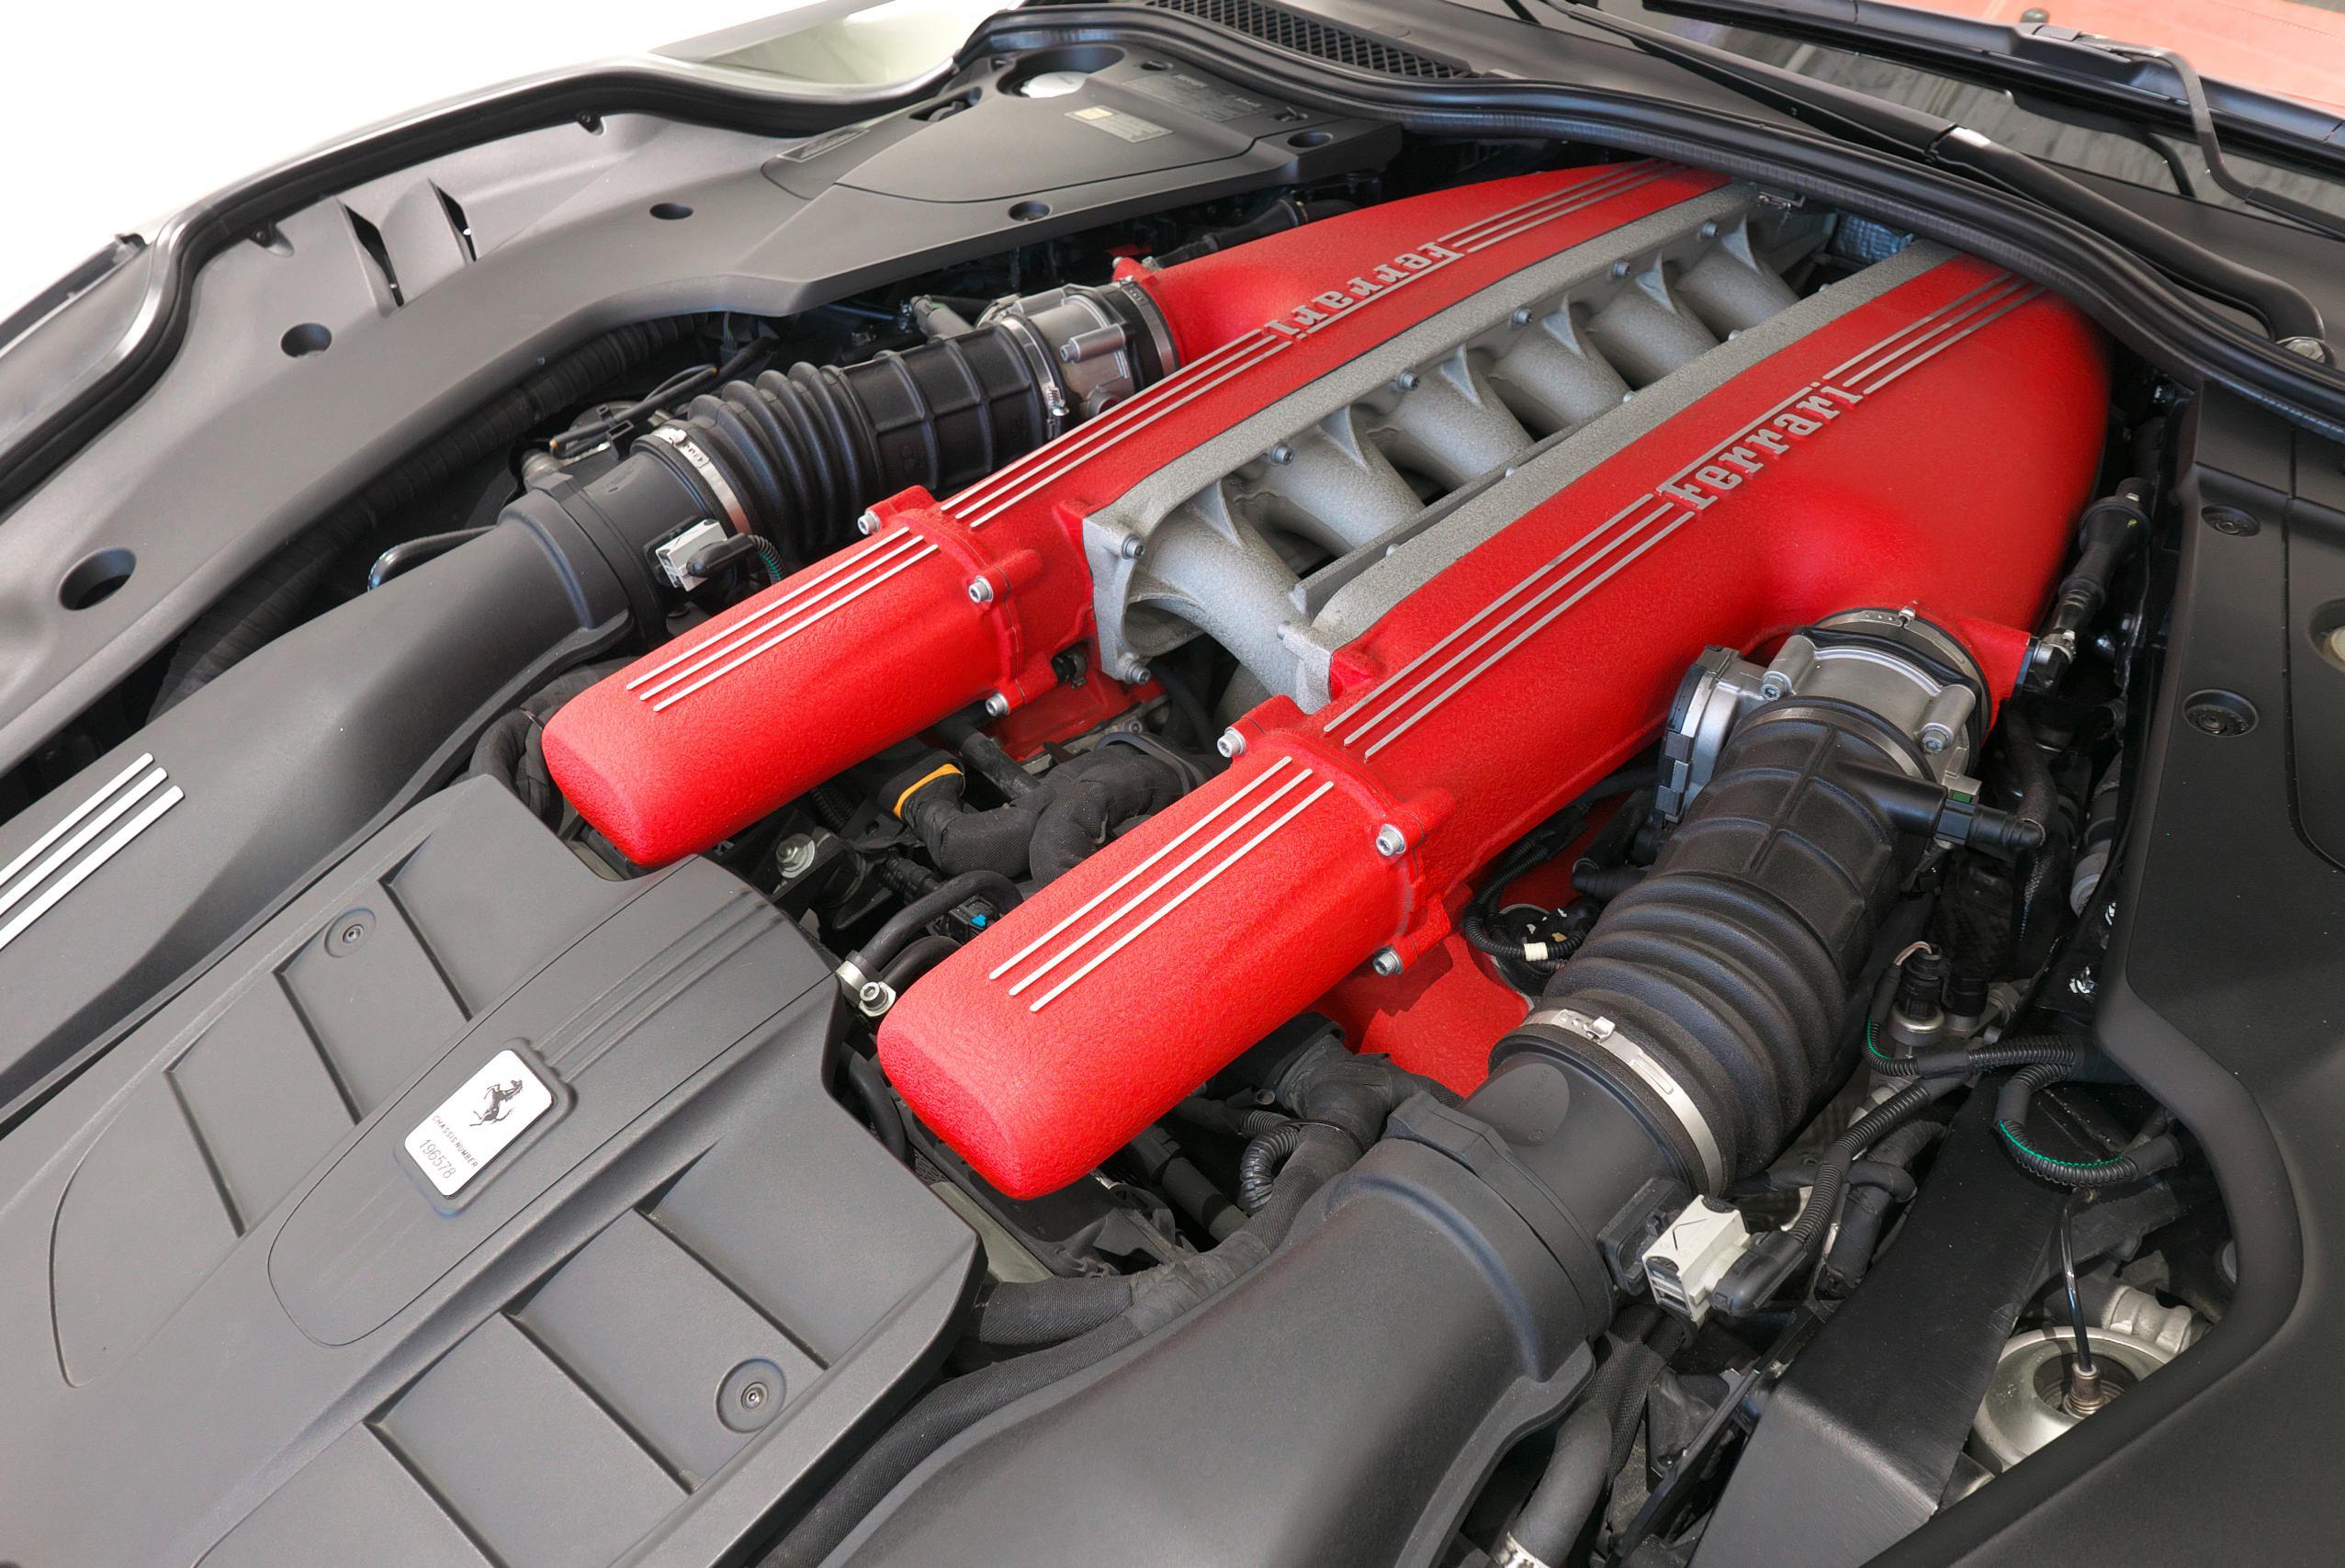 フェラーリ F12 ベルリネッタ V12エンジン